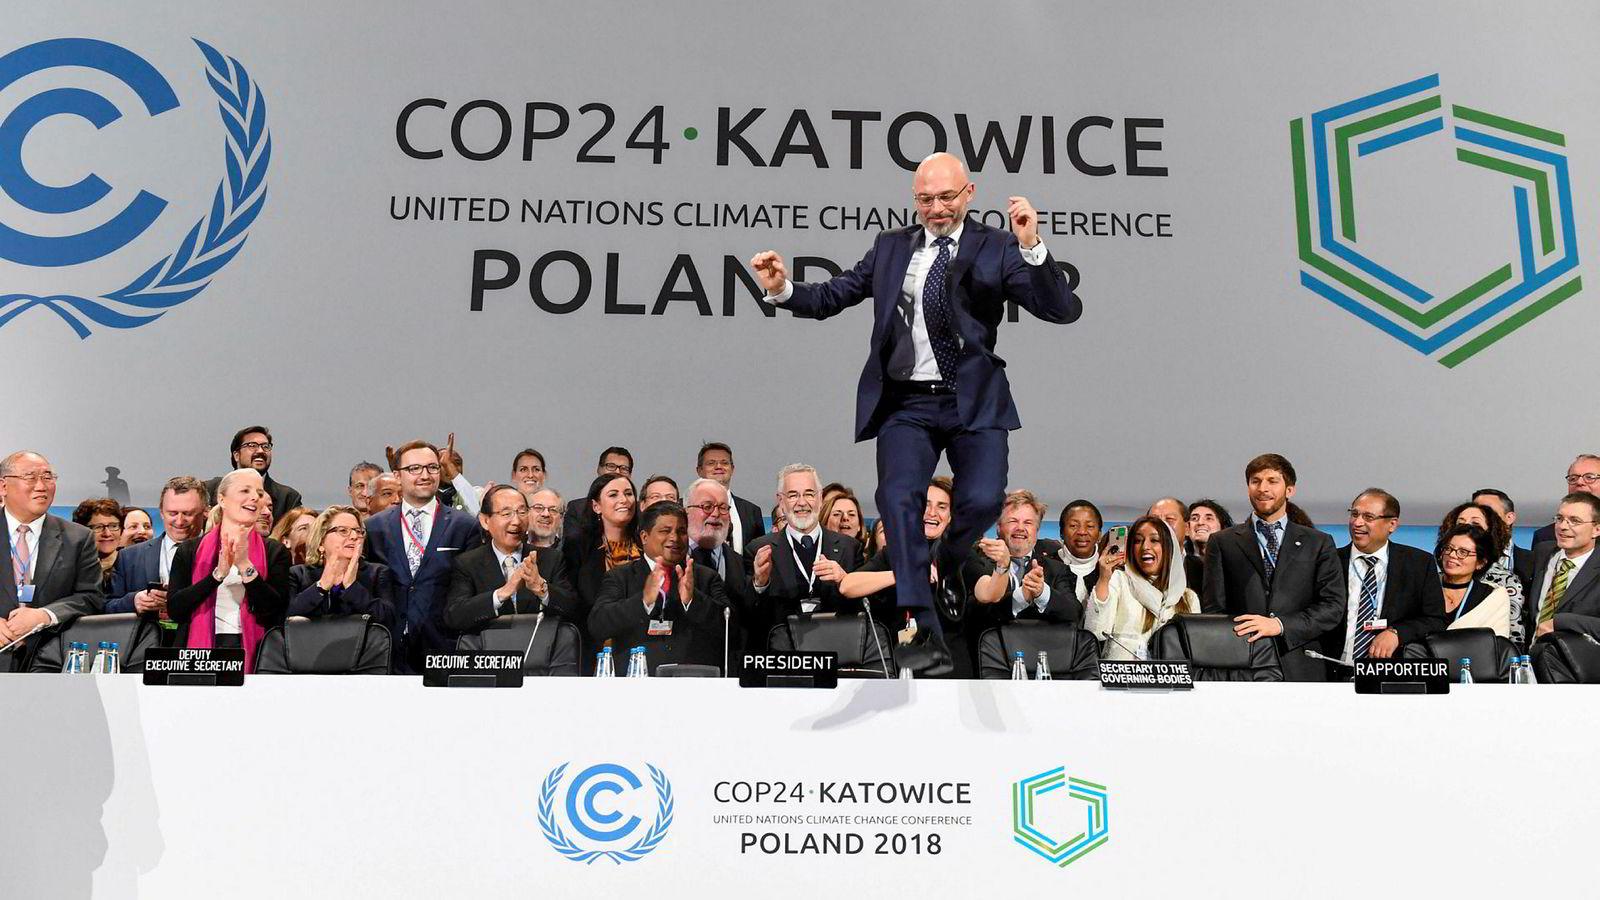 COP24-president Michal Kurtyka feirer at den siste delen av klimatoppmøtet i Katowice, Polen, er gjennomført. Det ble enighet om flere viktige grep for å omsette Parisavtalen i konkret handling.